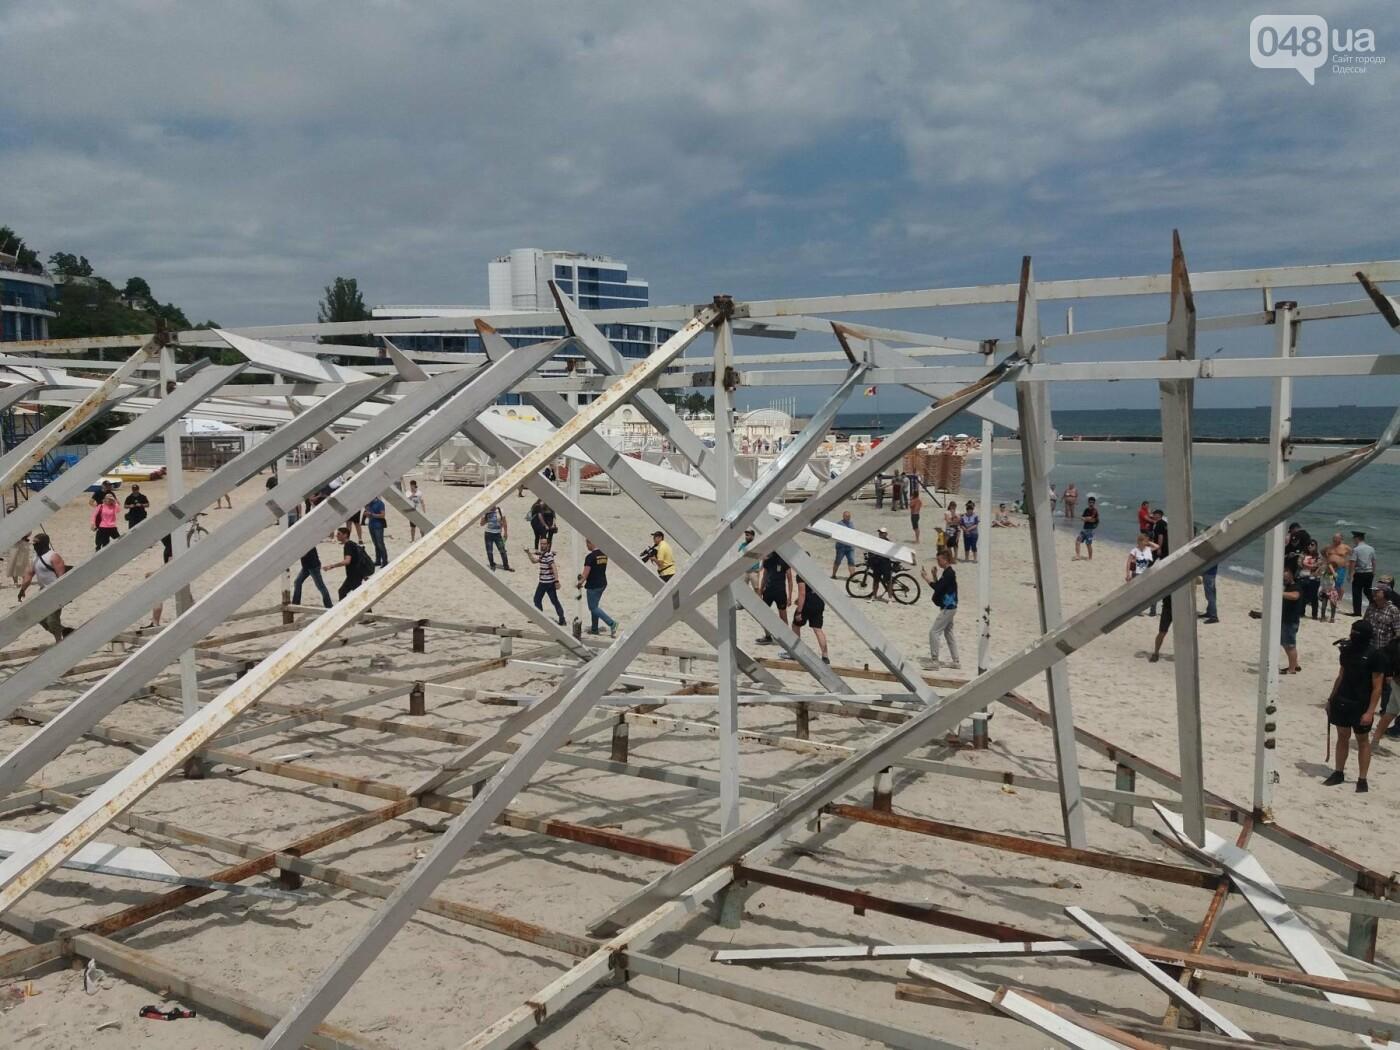 Полицейские рассказали, что думают об акции «Вернем себе пляжи» на одесском Фонтане, - ФОТО, фото-3